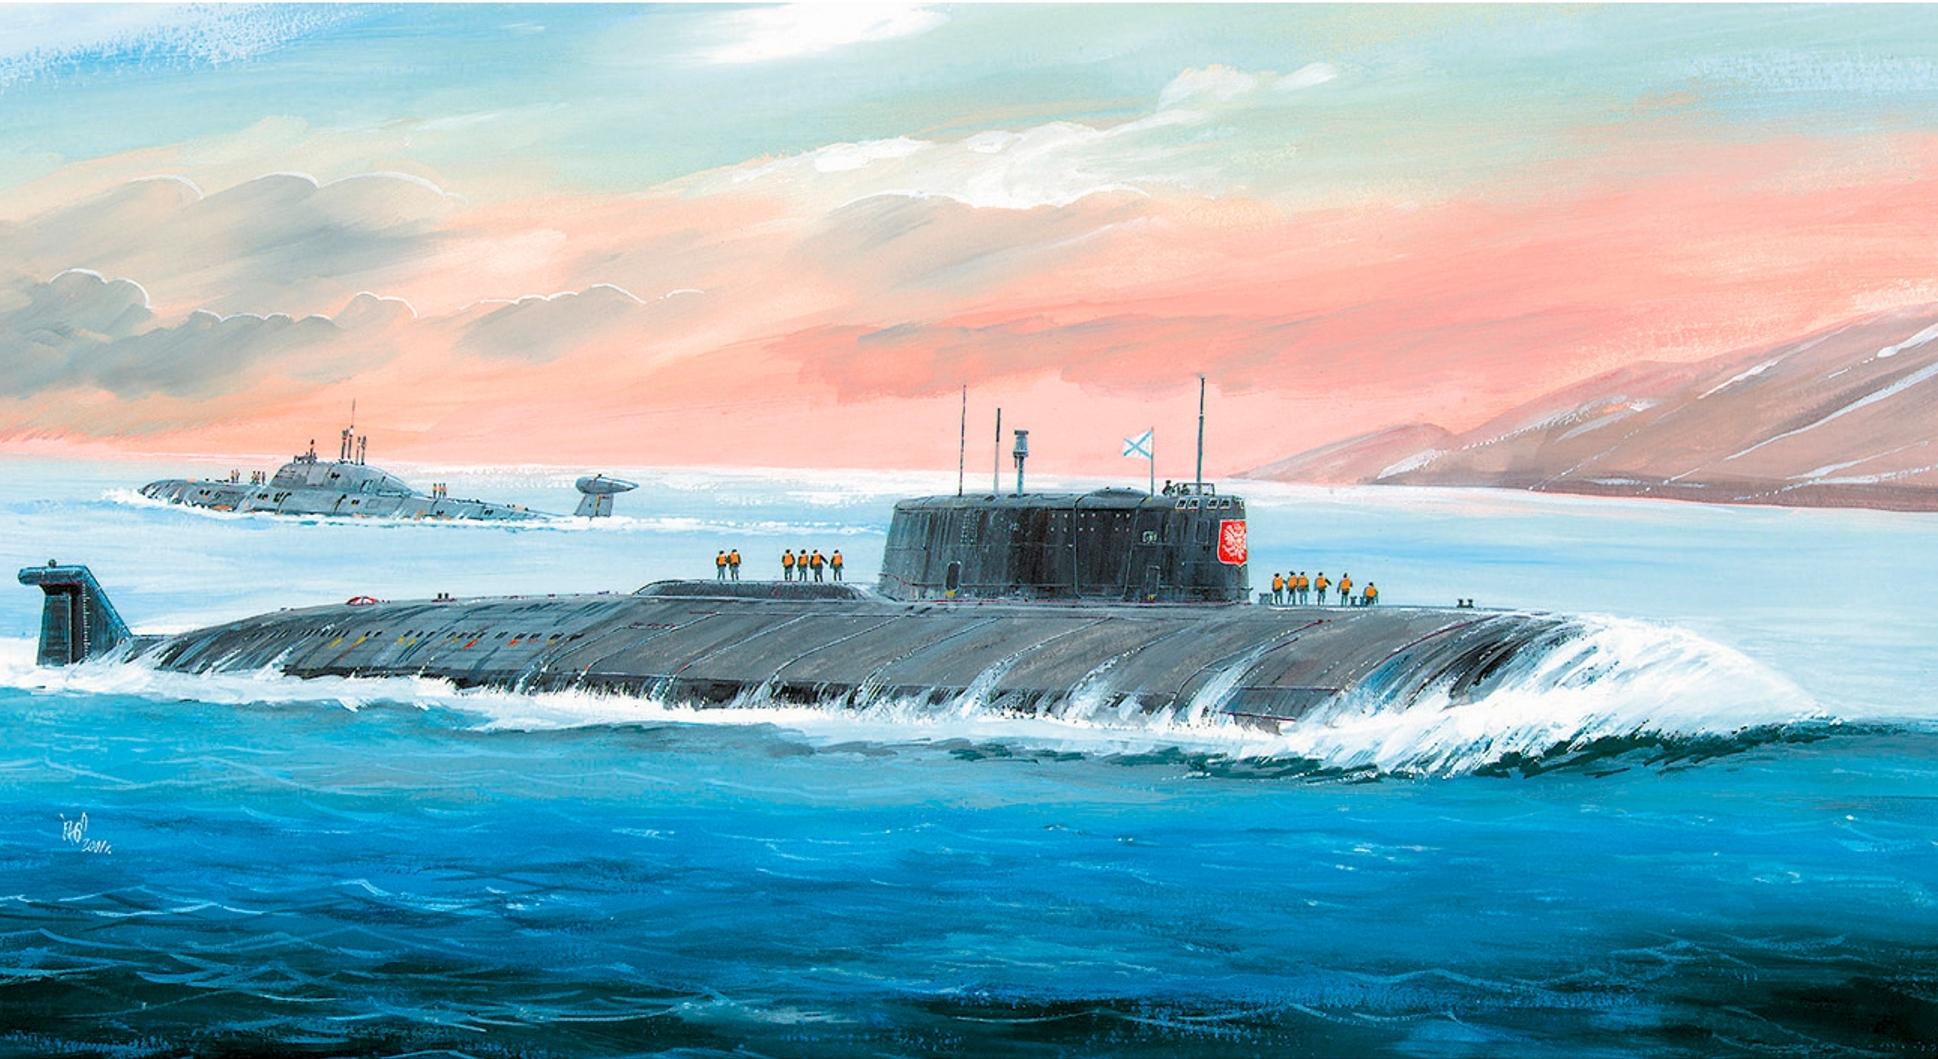 Модель для склеивания - Российский АПЛ КурскМодели кораблей для склеивания<br>Модель для склеивания - Российский АПЛ Курск<br>